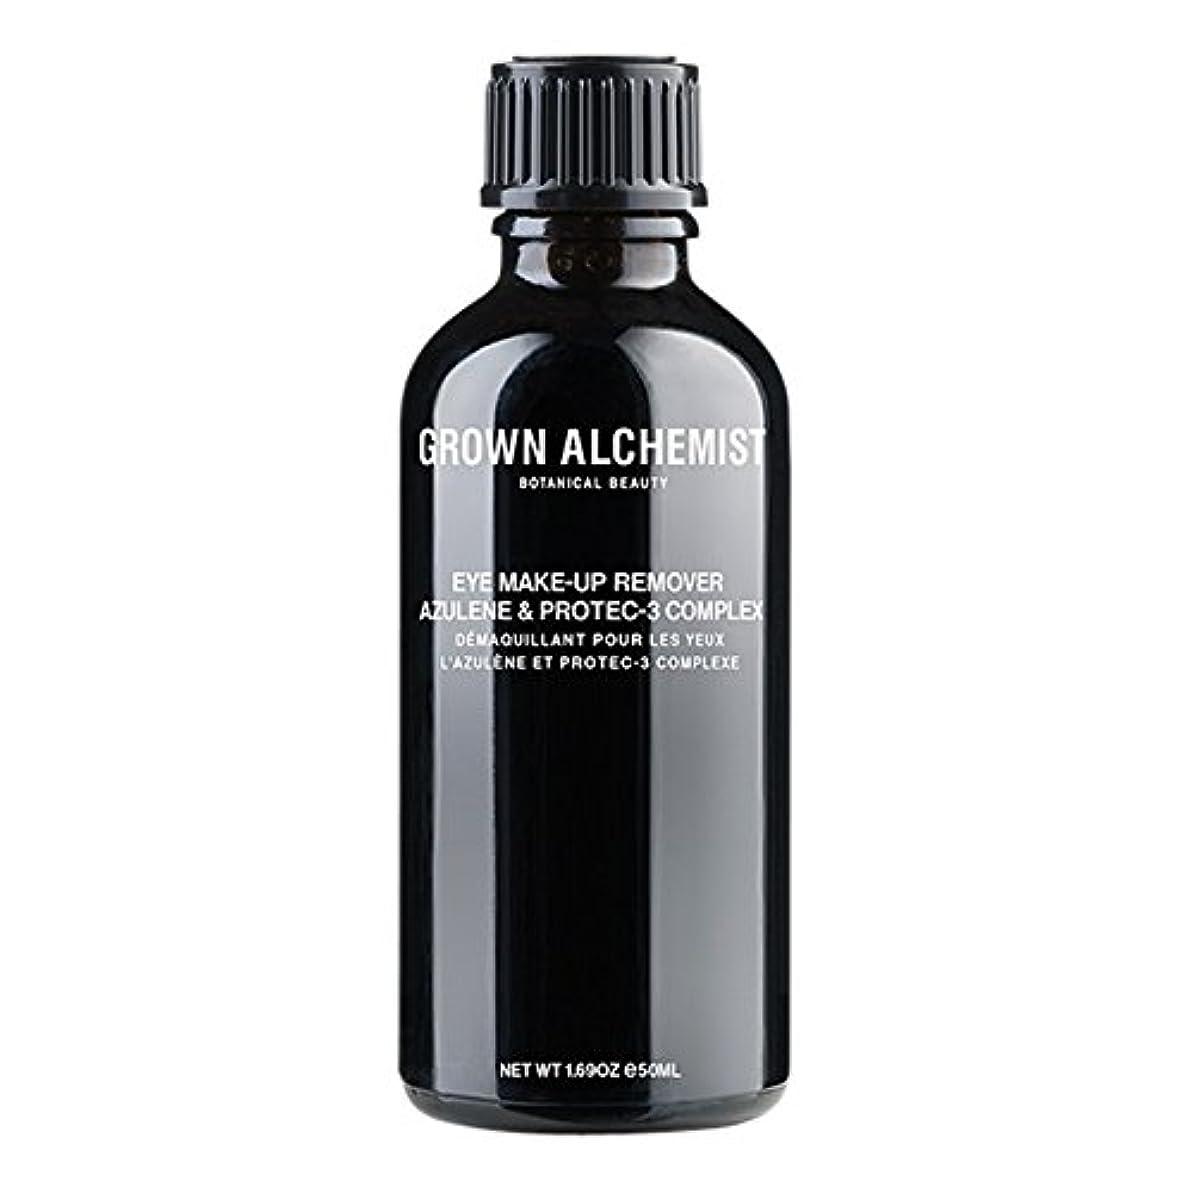 収入読みやすさ沈黙成長した錬金術師アズレン&Protec-3アイメイクアップリムーバーの50ミリリットル (Grown Alchemist) (x6) - Grown Alchemist Azulene & Protec-3 Eye-Makeup...